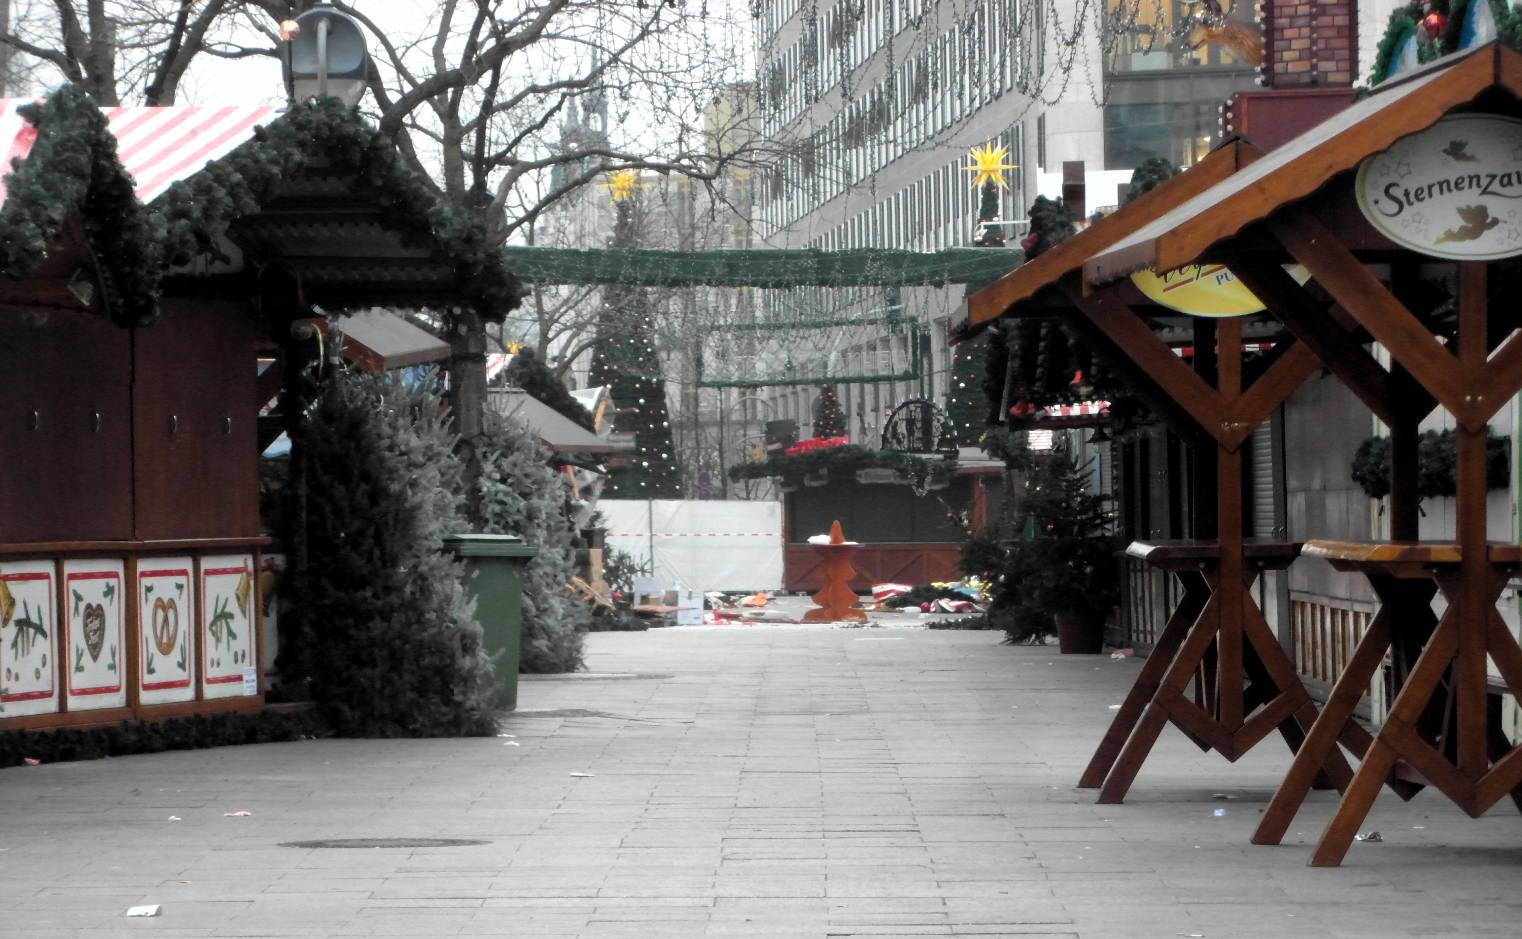 Gasse des Weihnachtsmarkts am Breitscheidplatzin Berlin